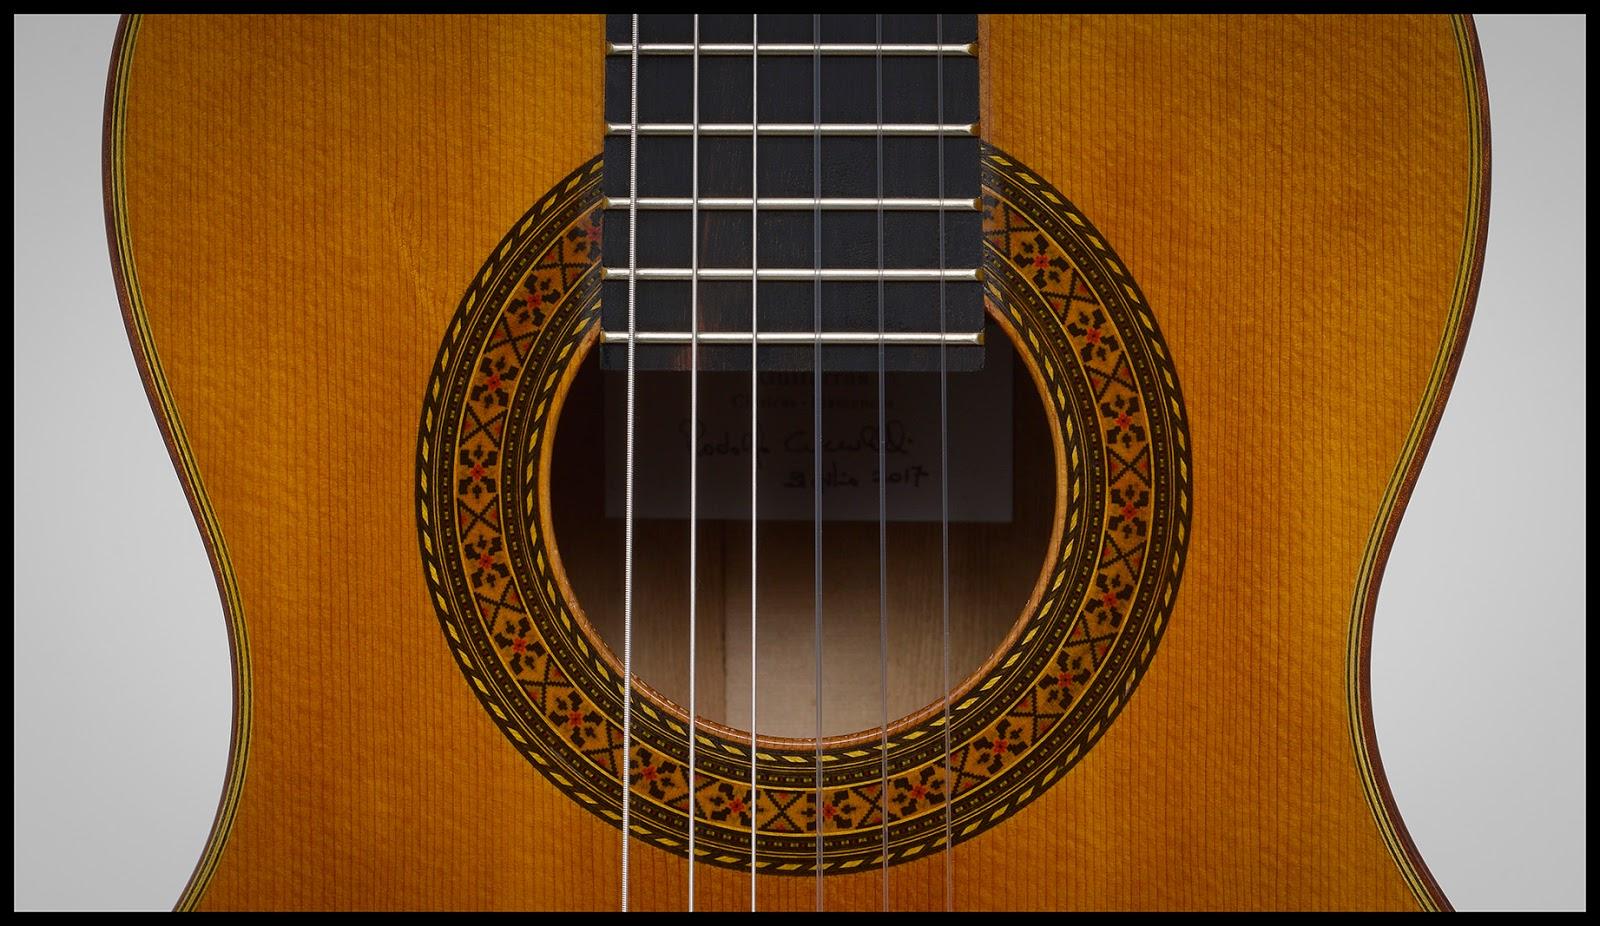 boca guitarra - partes de la guitarra